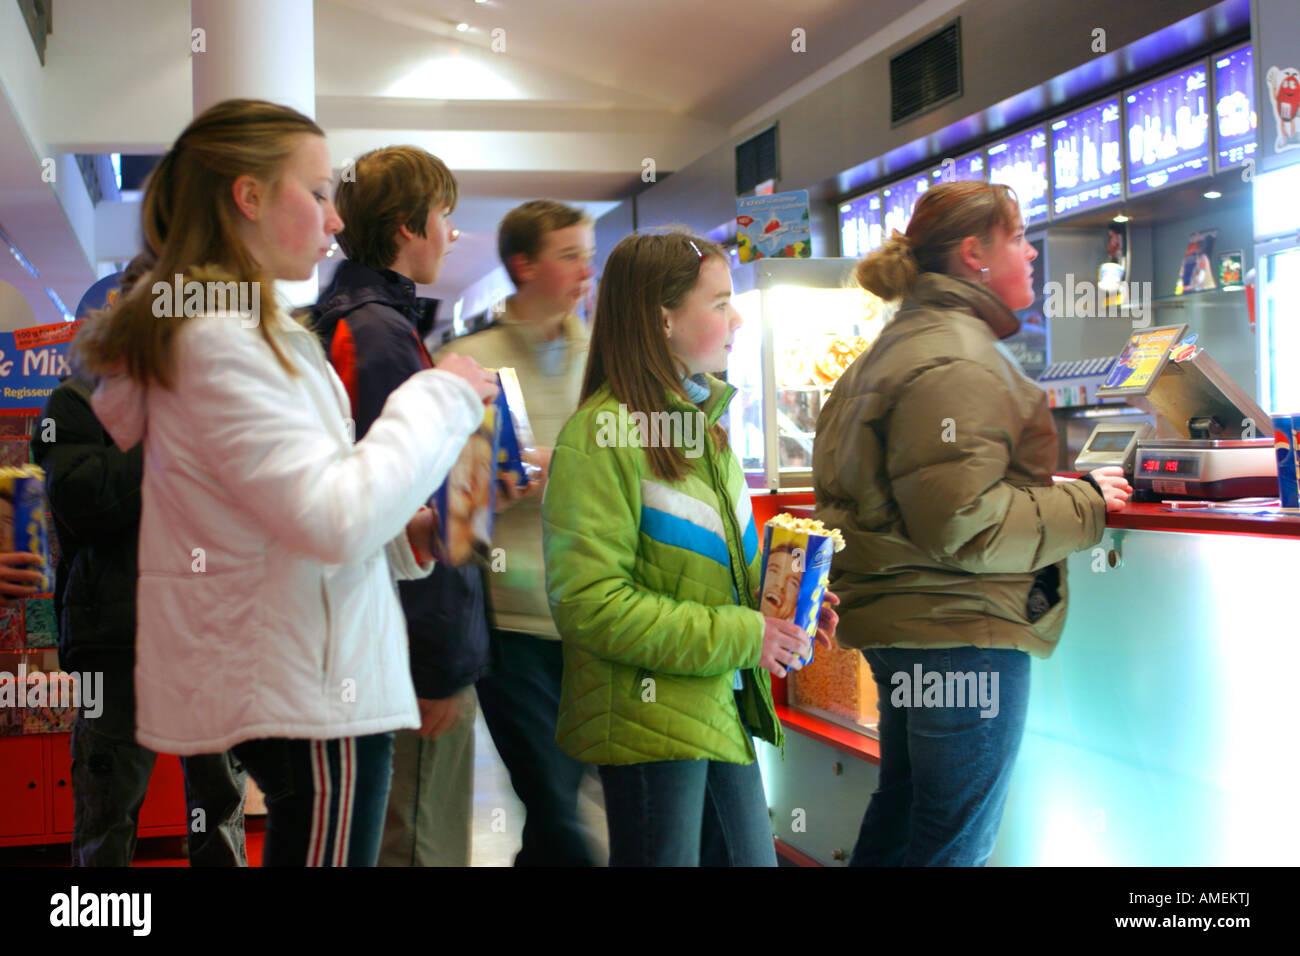 Gli adolescenti in coda per ottenere dolci in un cinema prima che il film inizia Immagini Stock